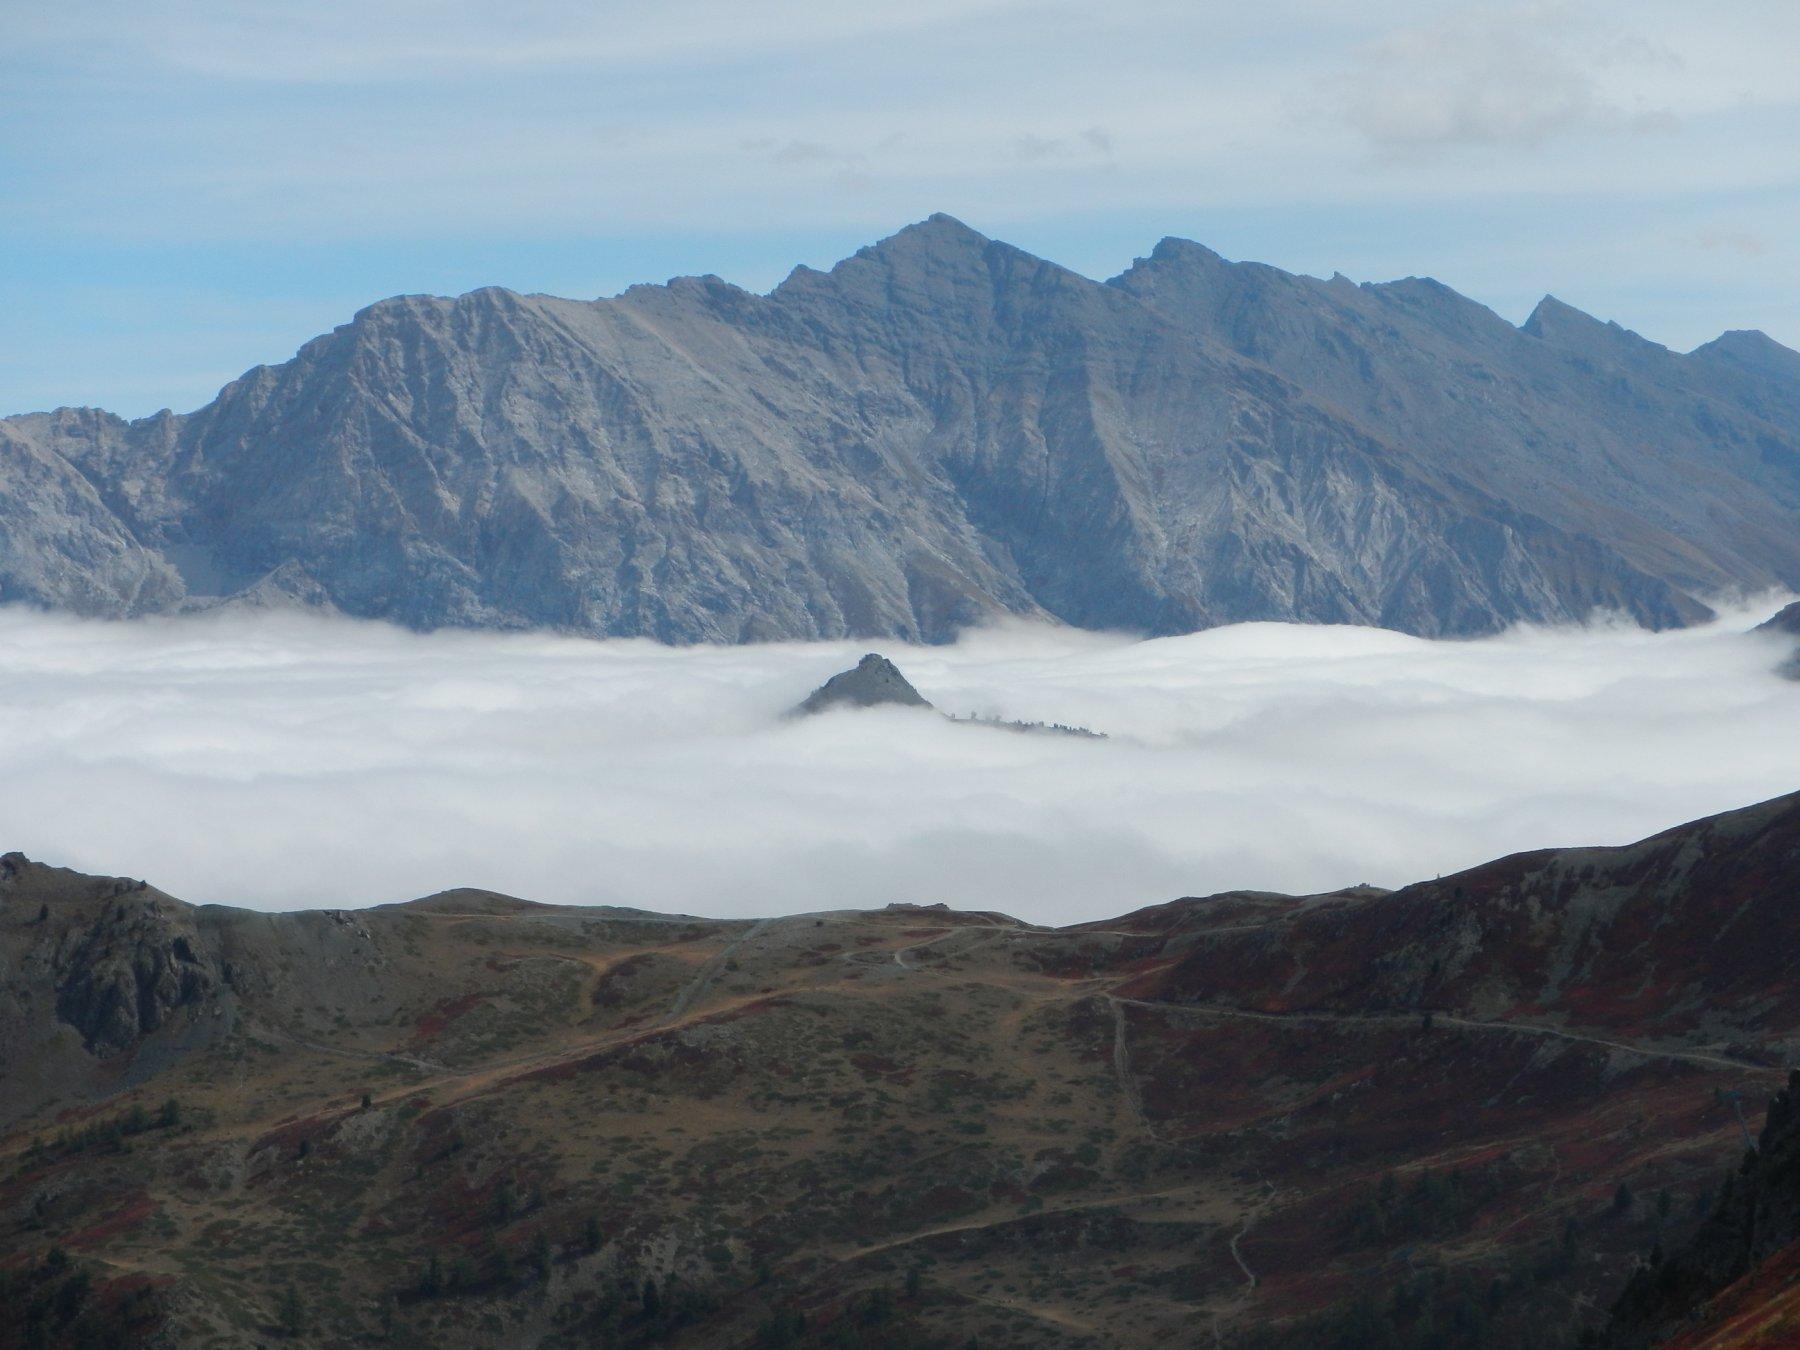 dal Colletto Verde: tra le nebbie compare il Monte Corbiun